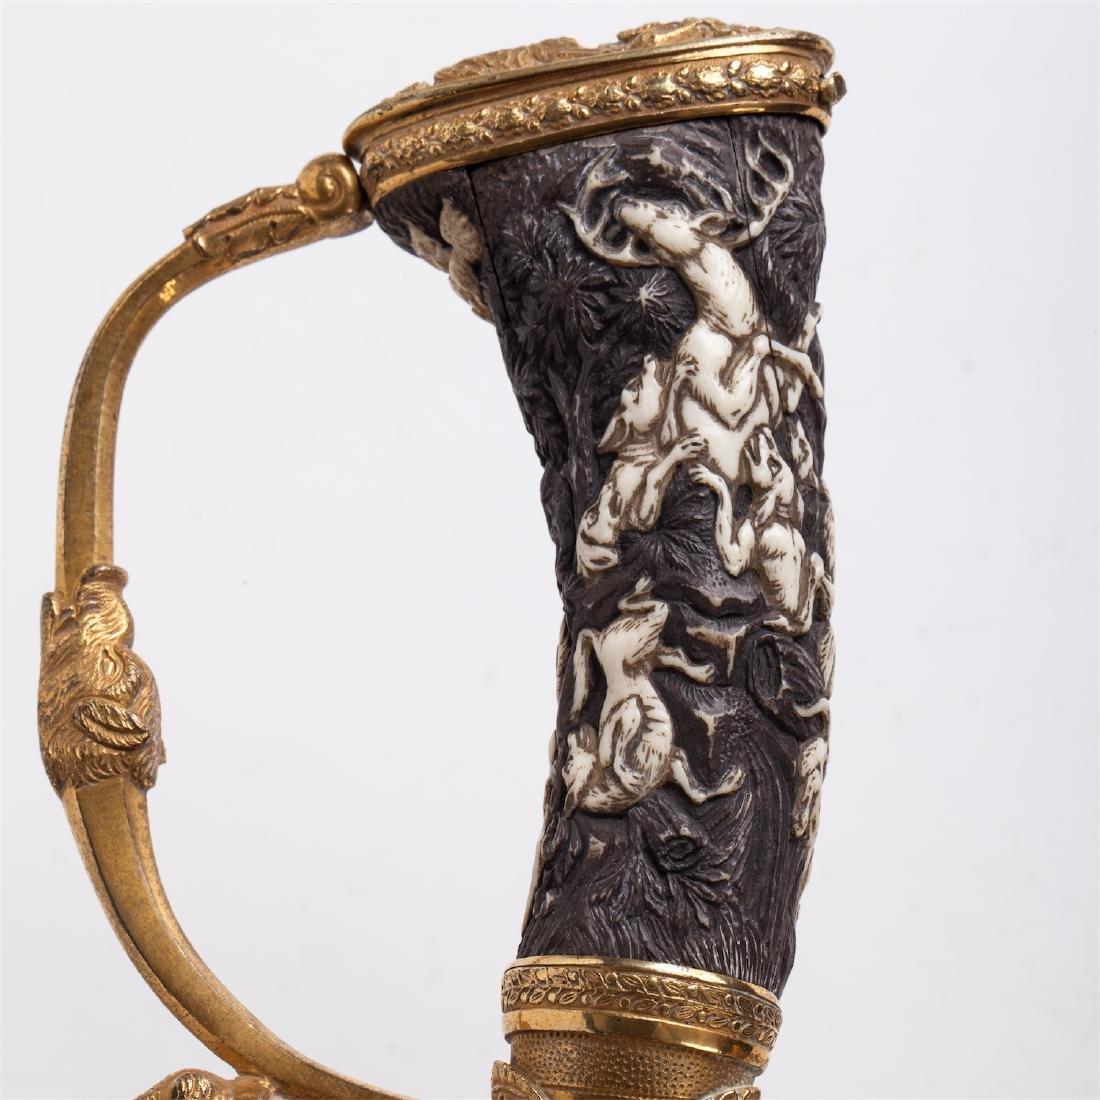 Hunting dagger with Grand Duke of Baden monogram - 5